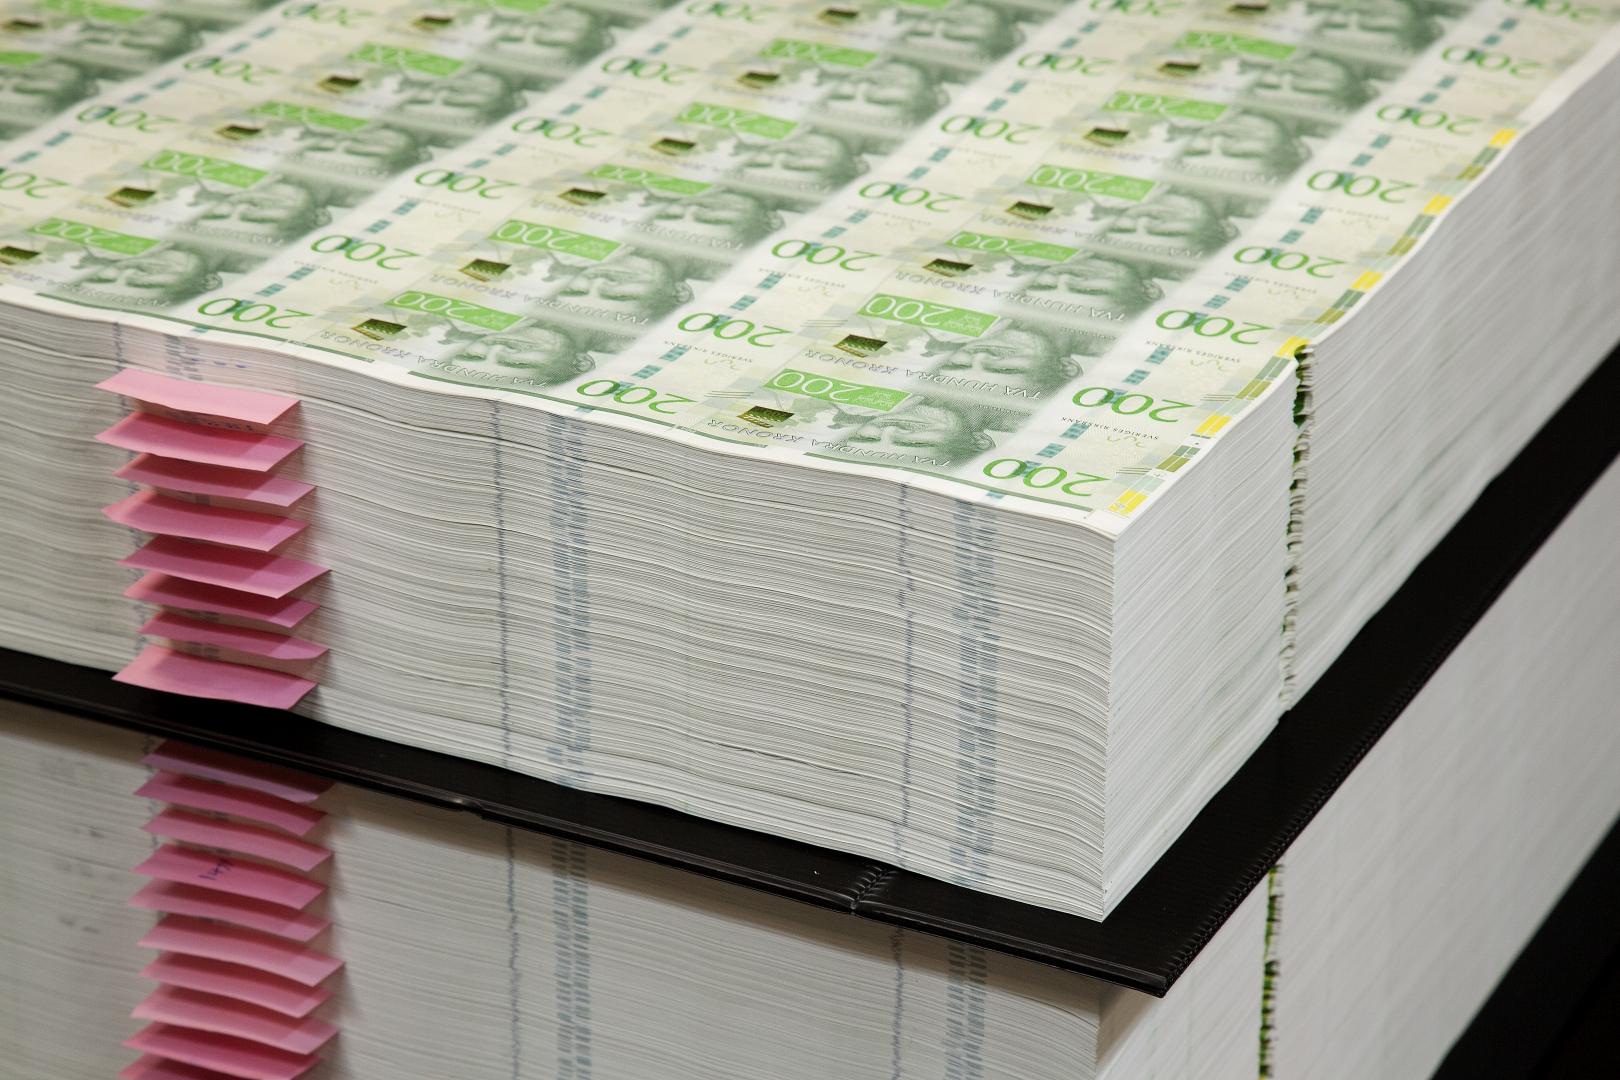 Valve vill, som alla spelutvecklare, tjänar pengar. Något som är helt förståeligt. Foto: Riksbanken